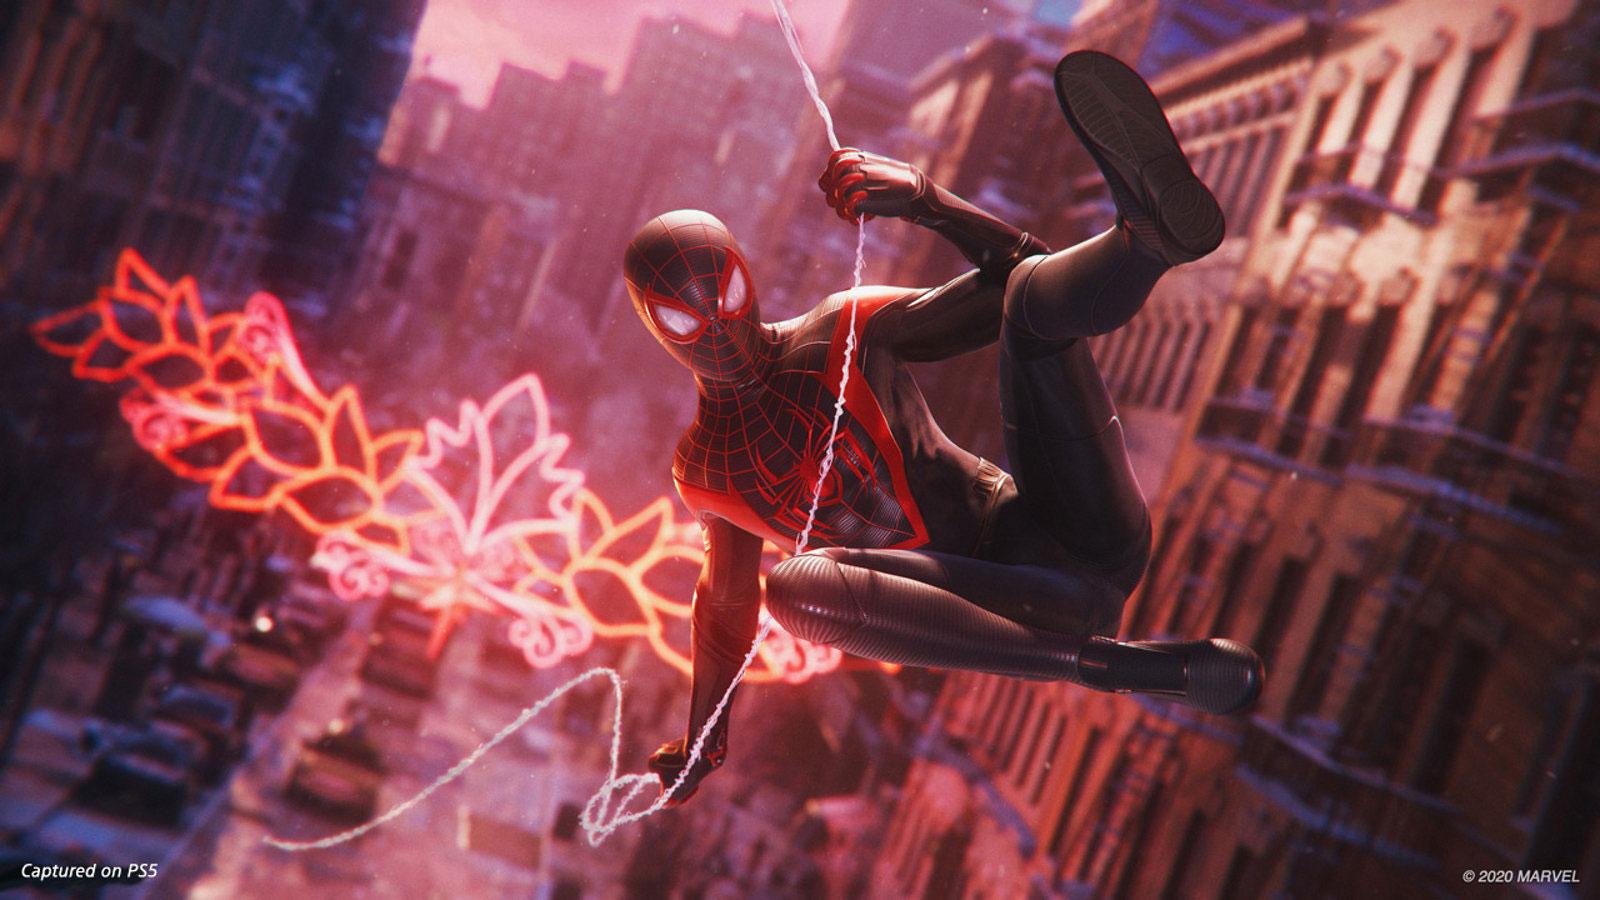 ps5-spiderman-video-thumb-block-9-en-110620